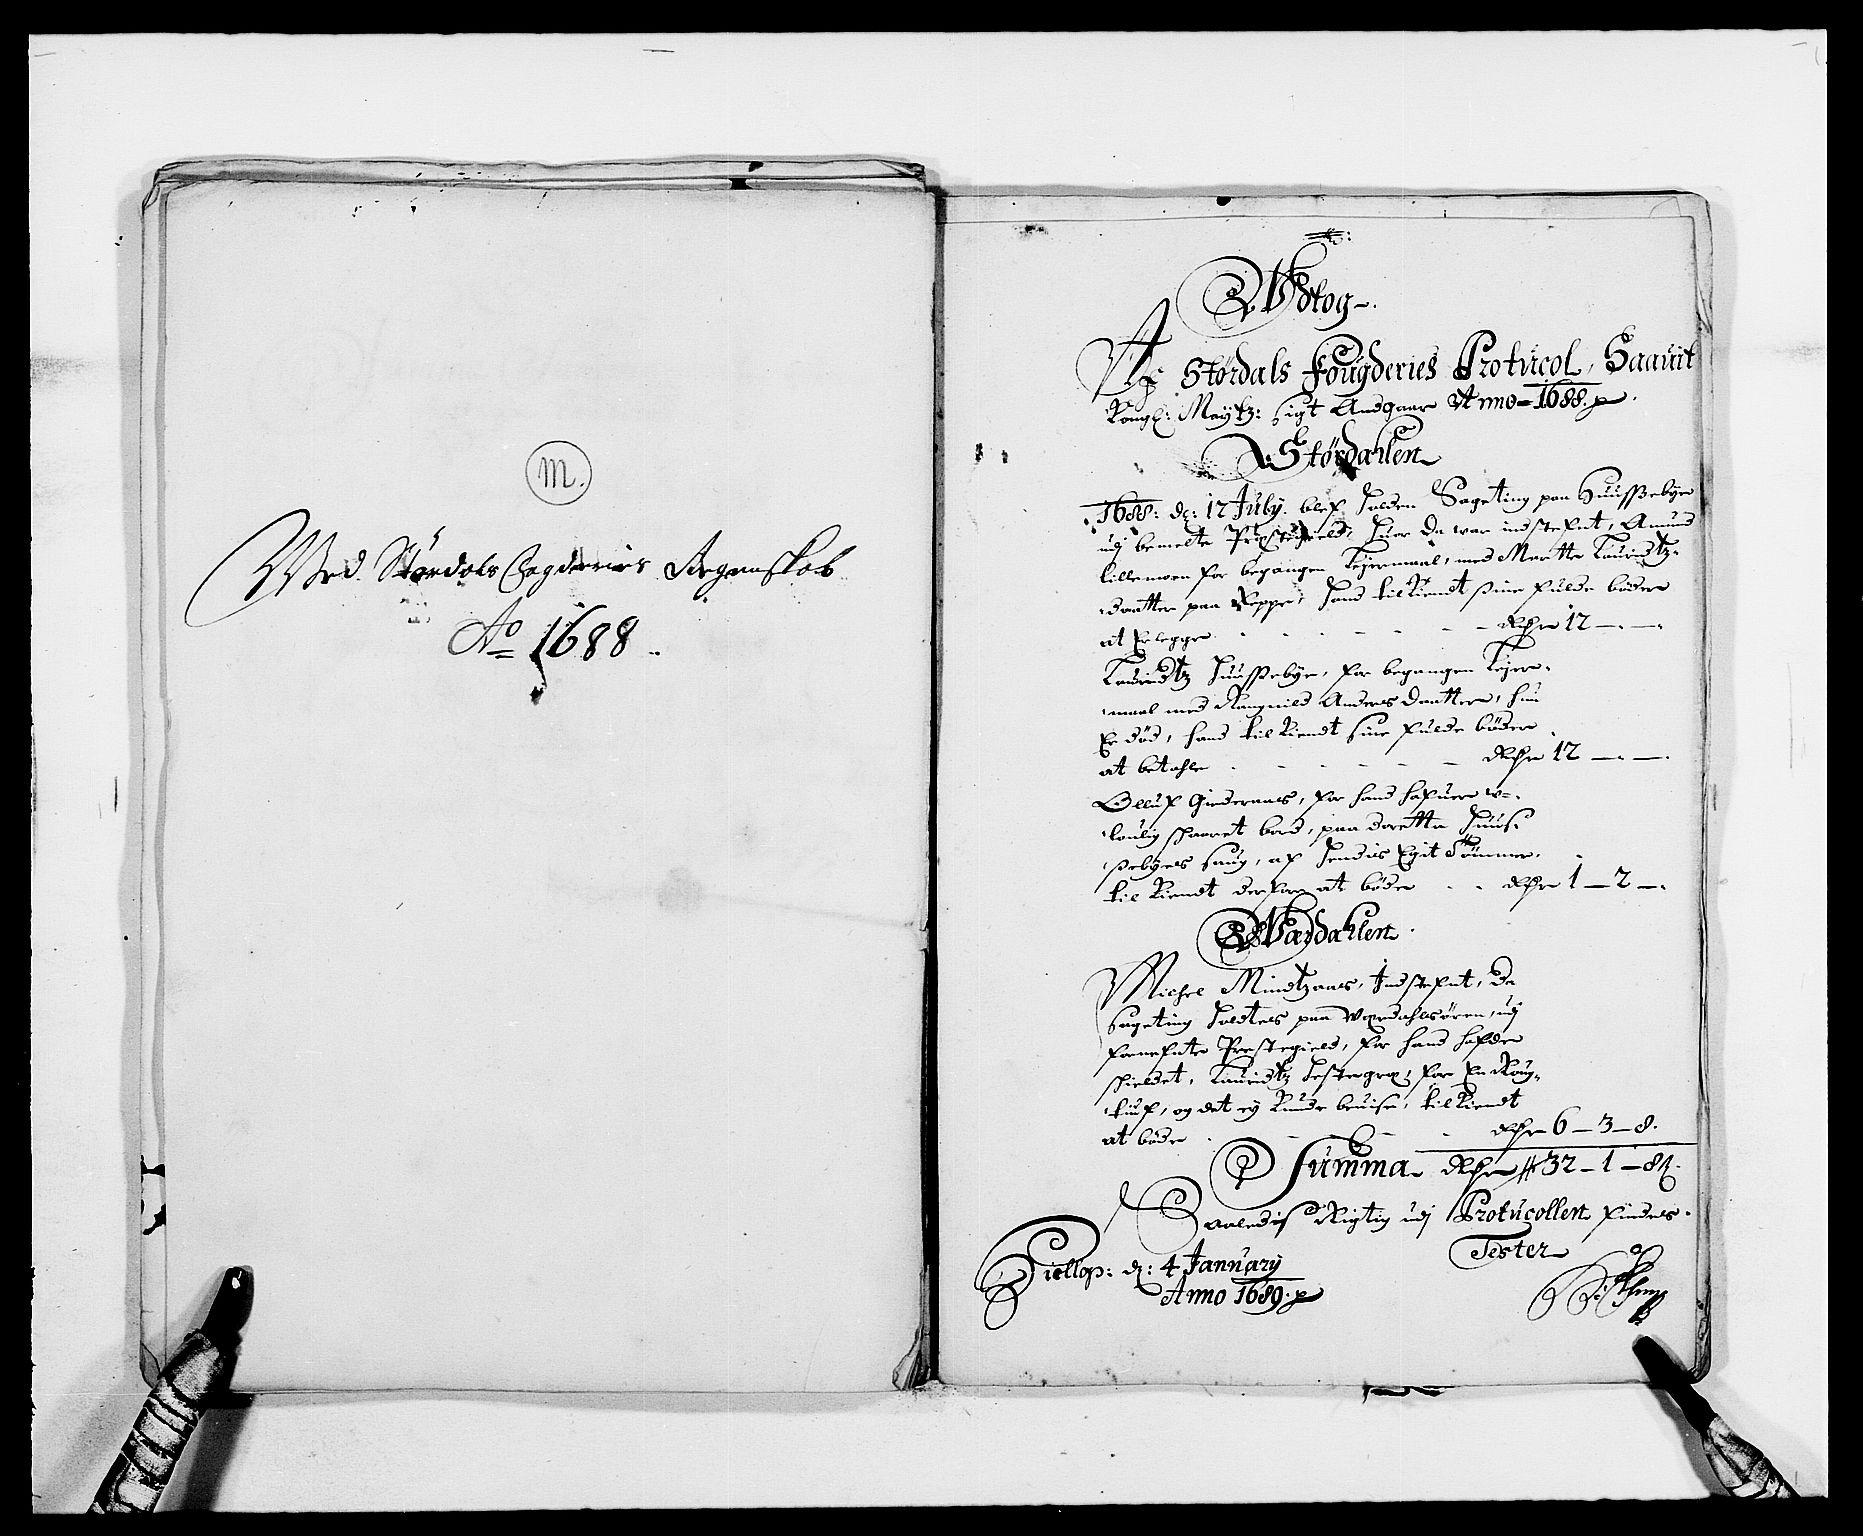 RA, Rentekammeret inntil 1814, Reviderte regnskaper, Fogderegnskap, R62/L4183: Fogderegnskap Stjørdal og Verdal, 1687-1689, s. 256